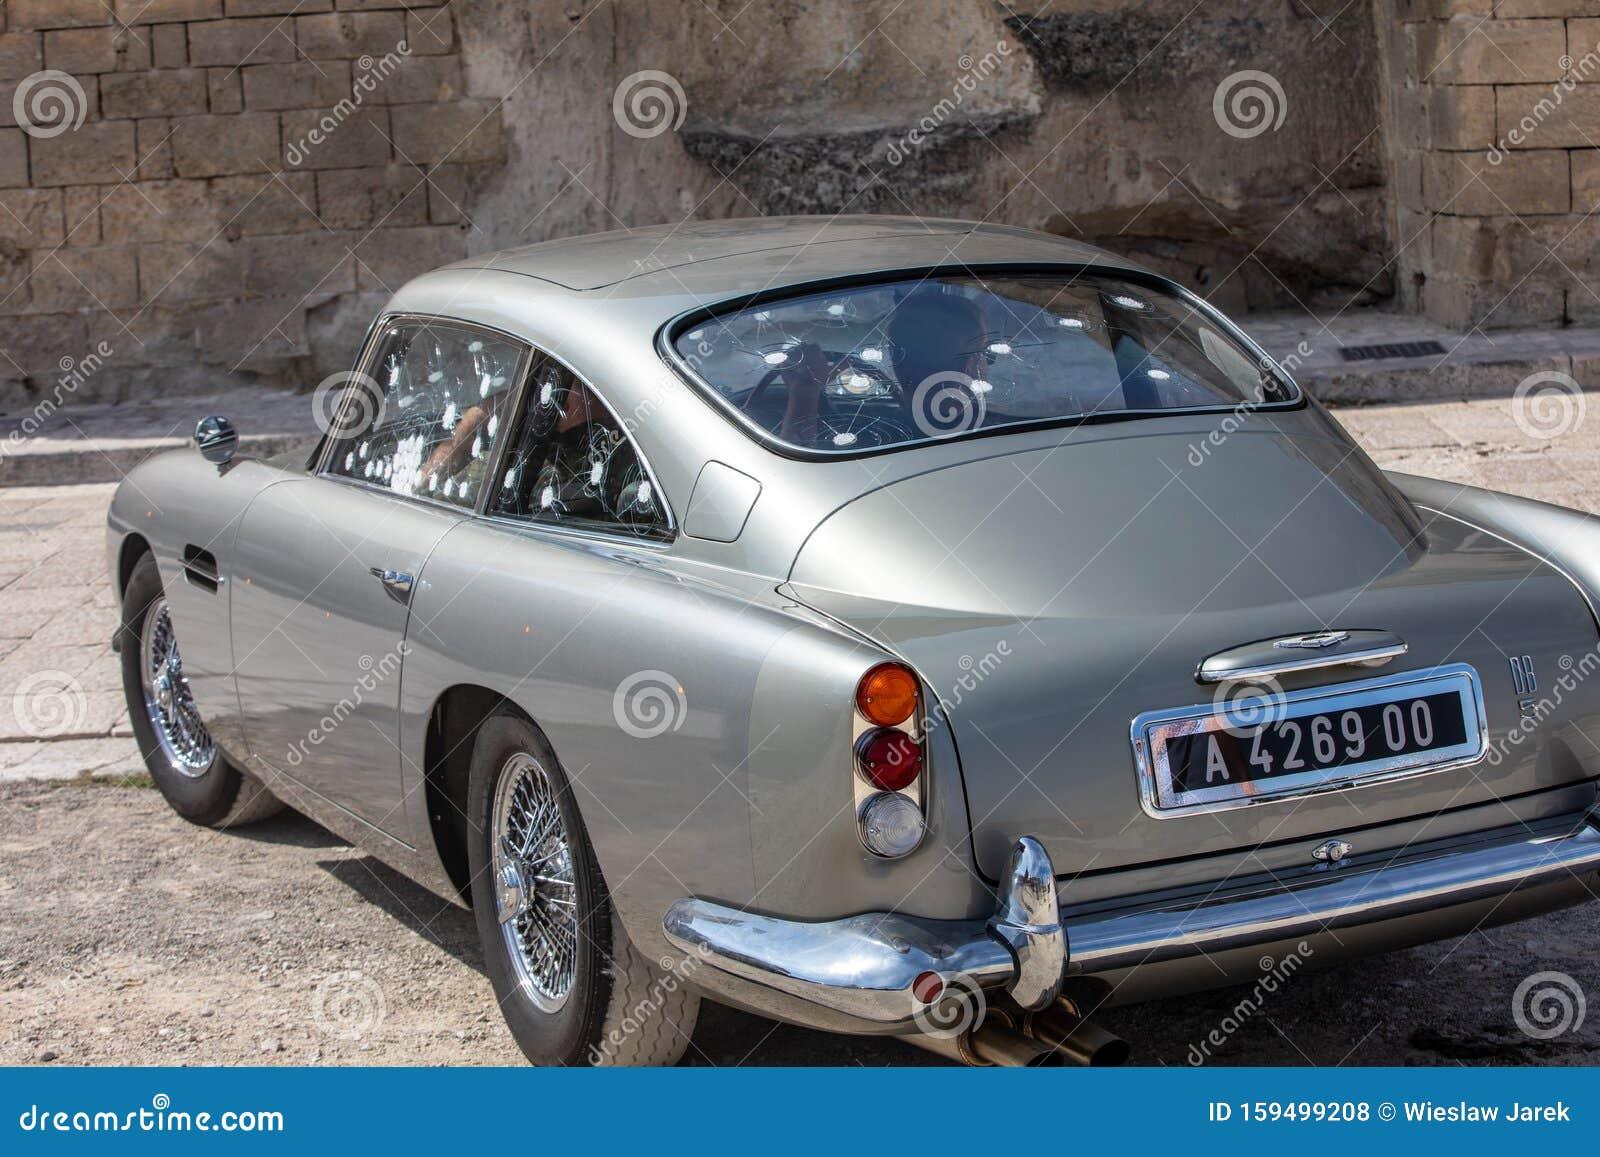 Der Aston Martin Db5 Benutzte Den Satz Des Neuesten James Bond Films No Time To Die In Matera Redaktionelles Stockfoto Bild Von Automobil Luxus 159499208